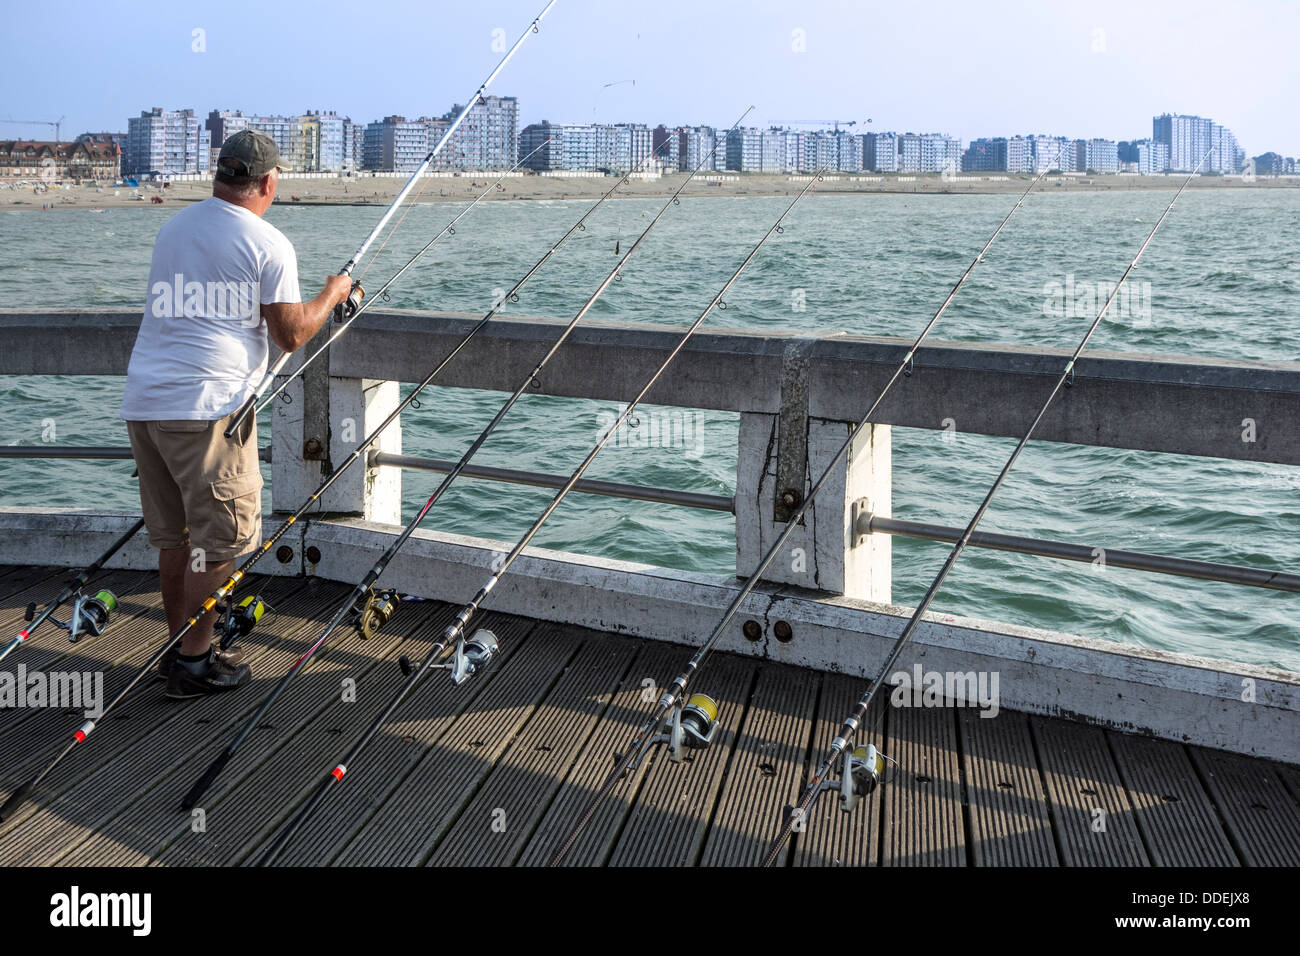 Pêche pêcheur avec plusieurs cannes à pêche de la jetée le long de la côte de la mer Photo Stock